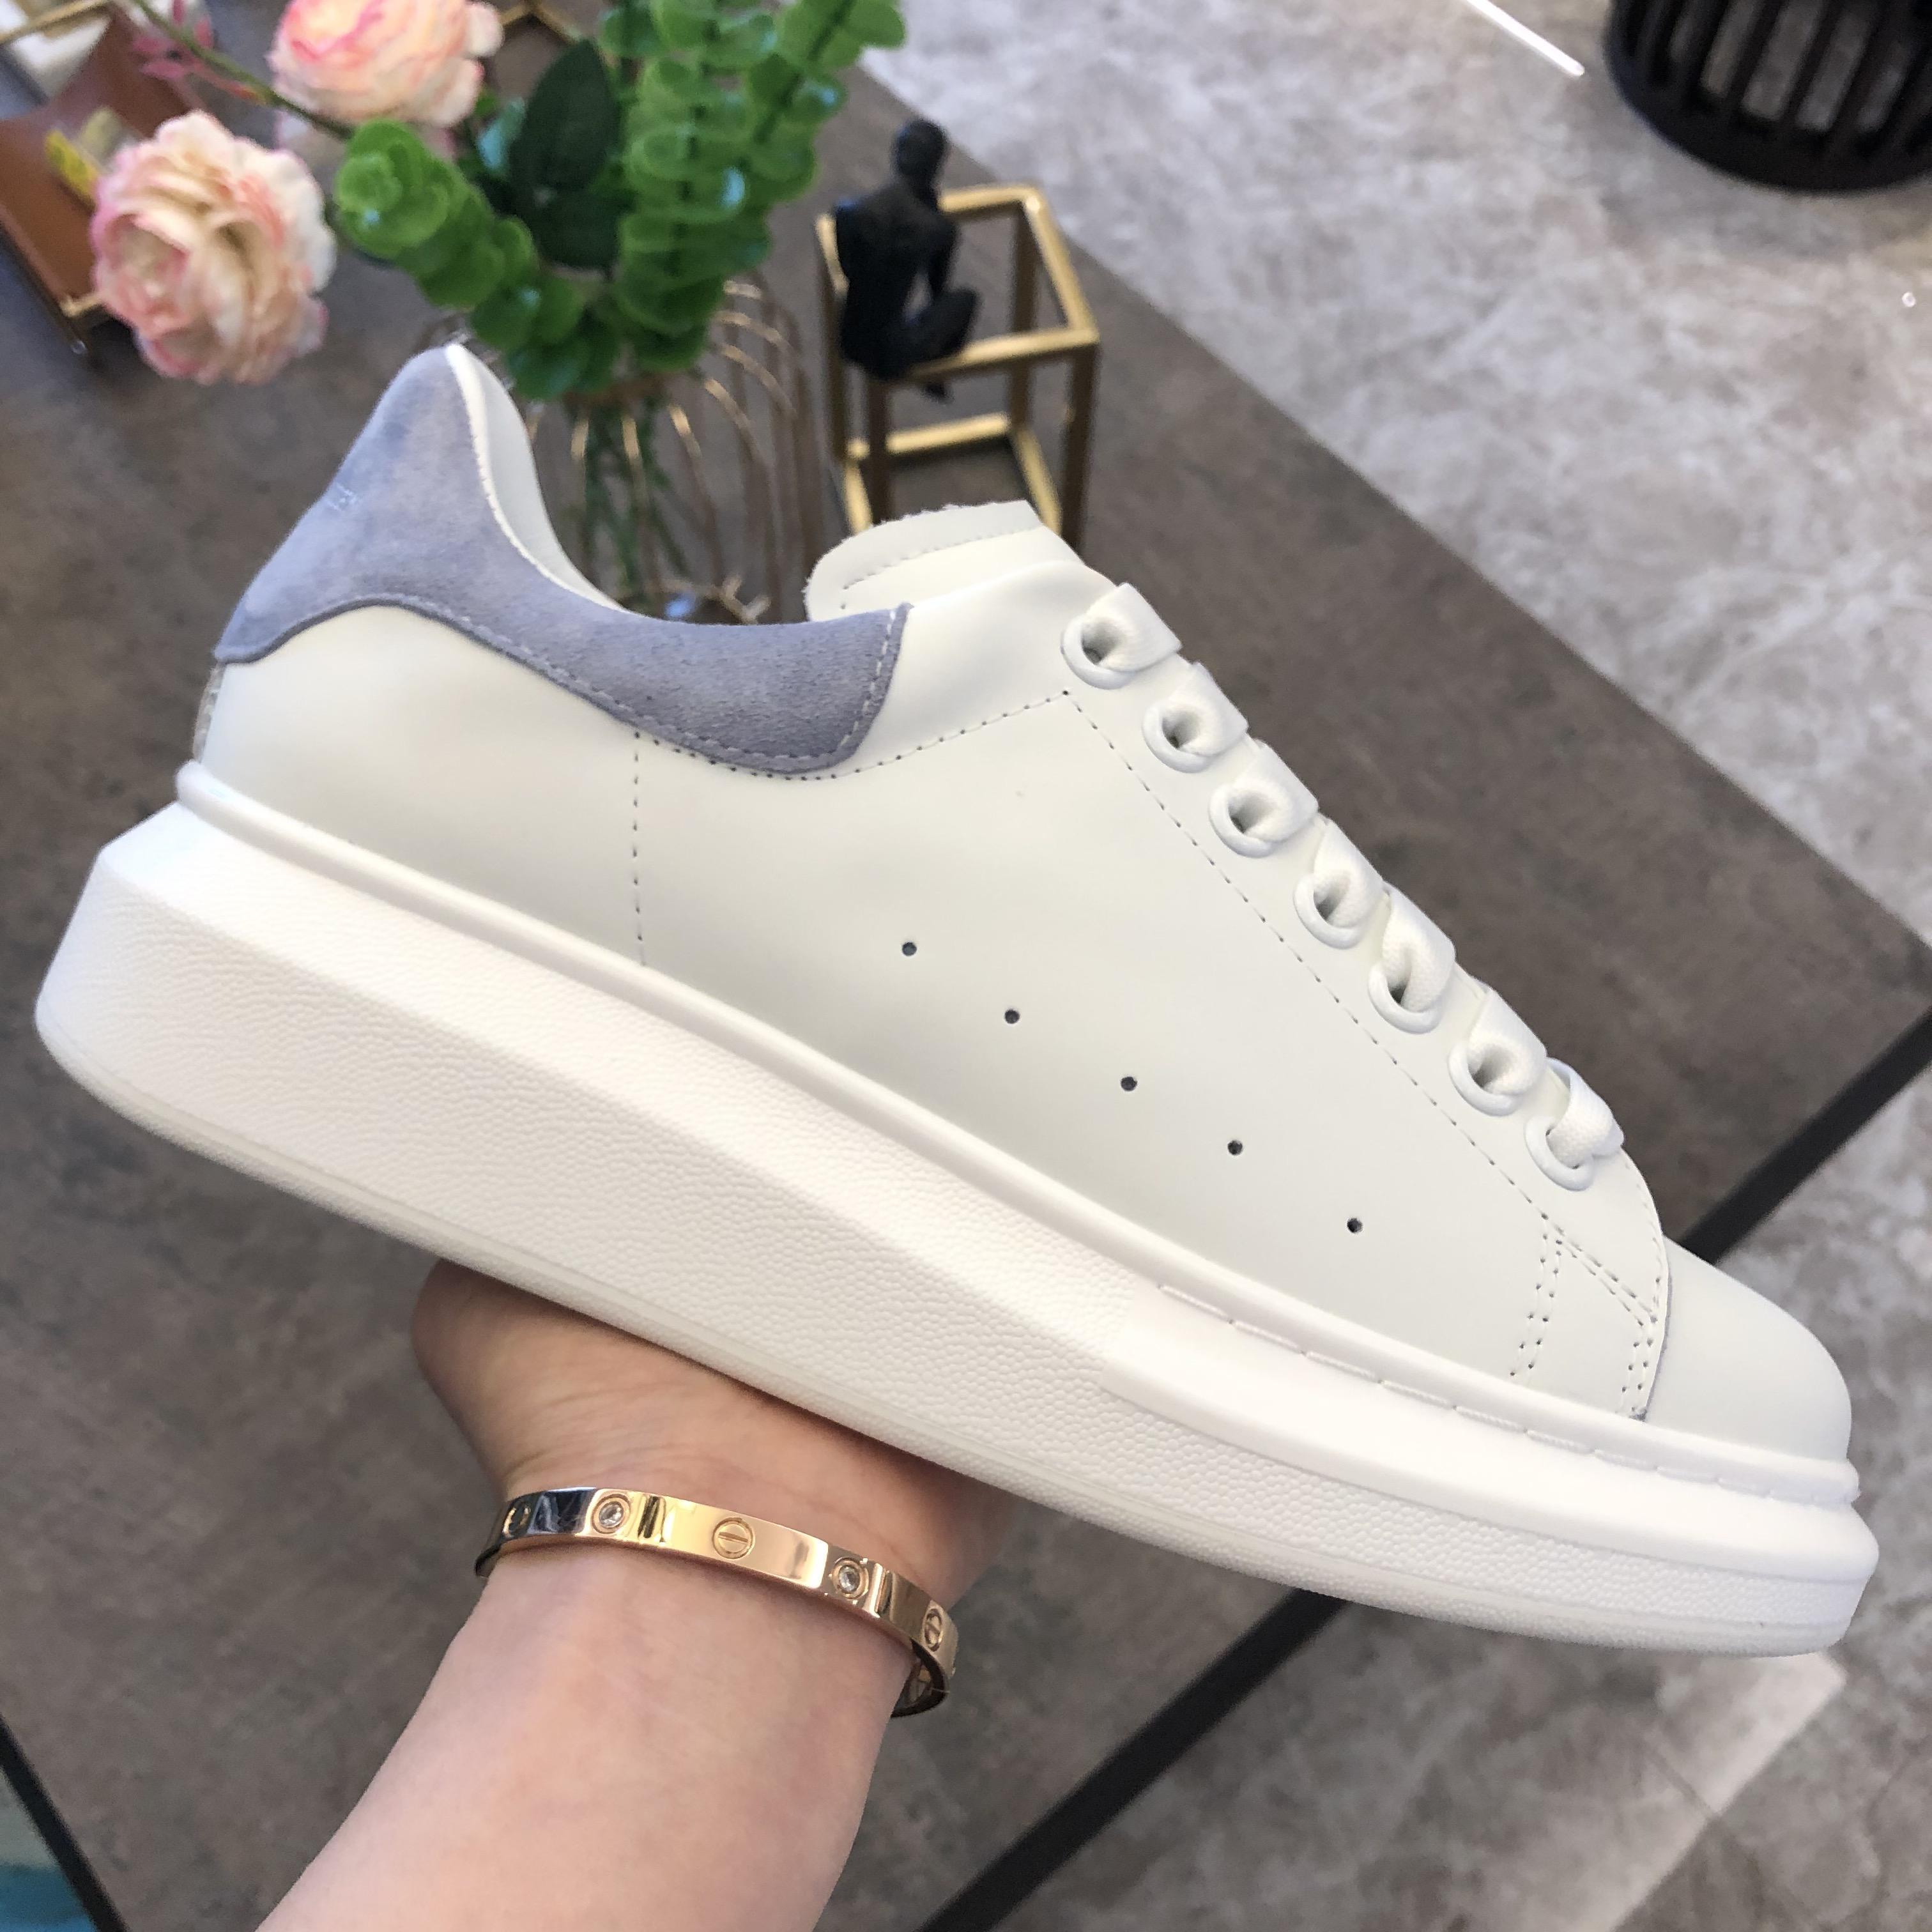 2020 Top Casual Shoes Mens Womens scarpe da tennis bianche della piattaforma del cuoio scarpe piane Chaussures De Sport Zapatillas Suede Sneakers